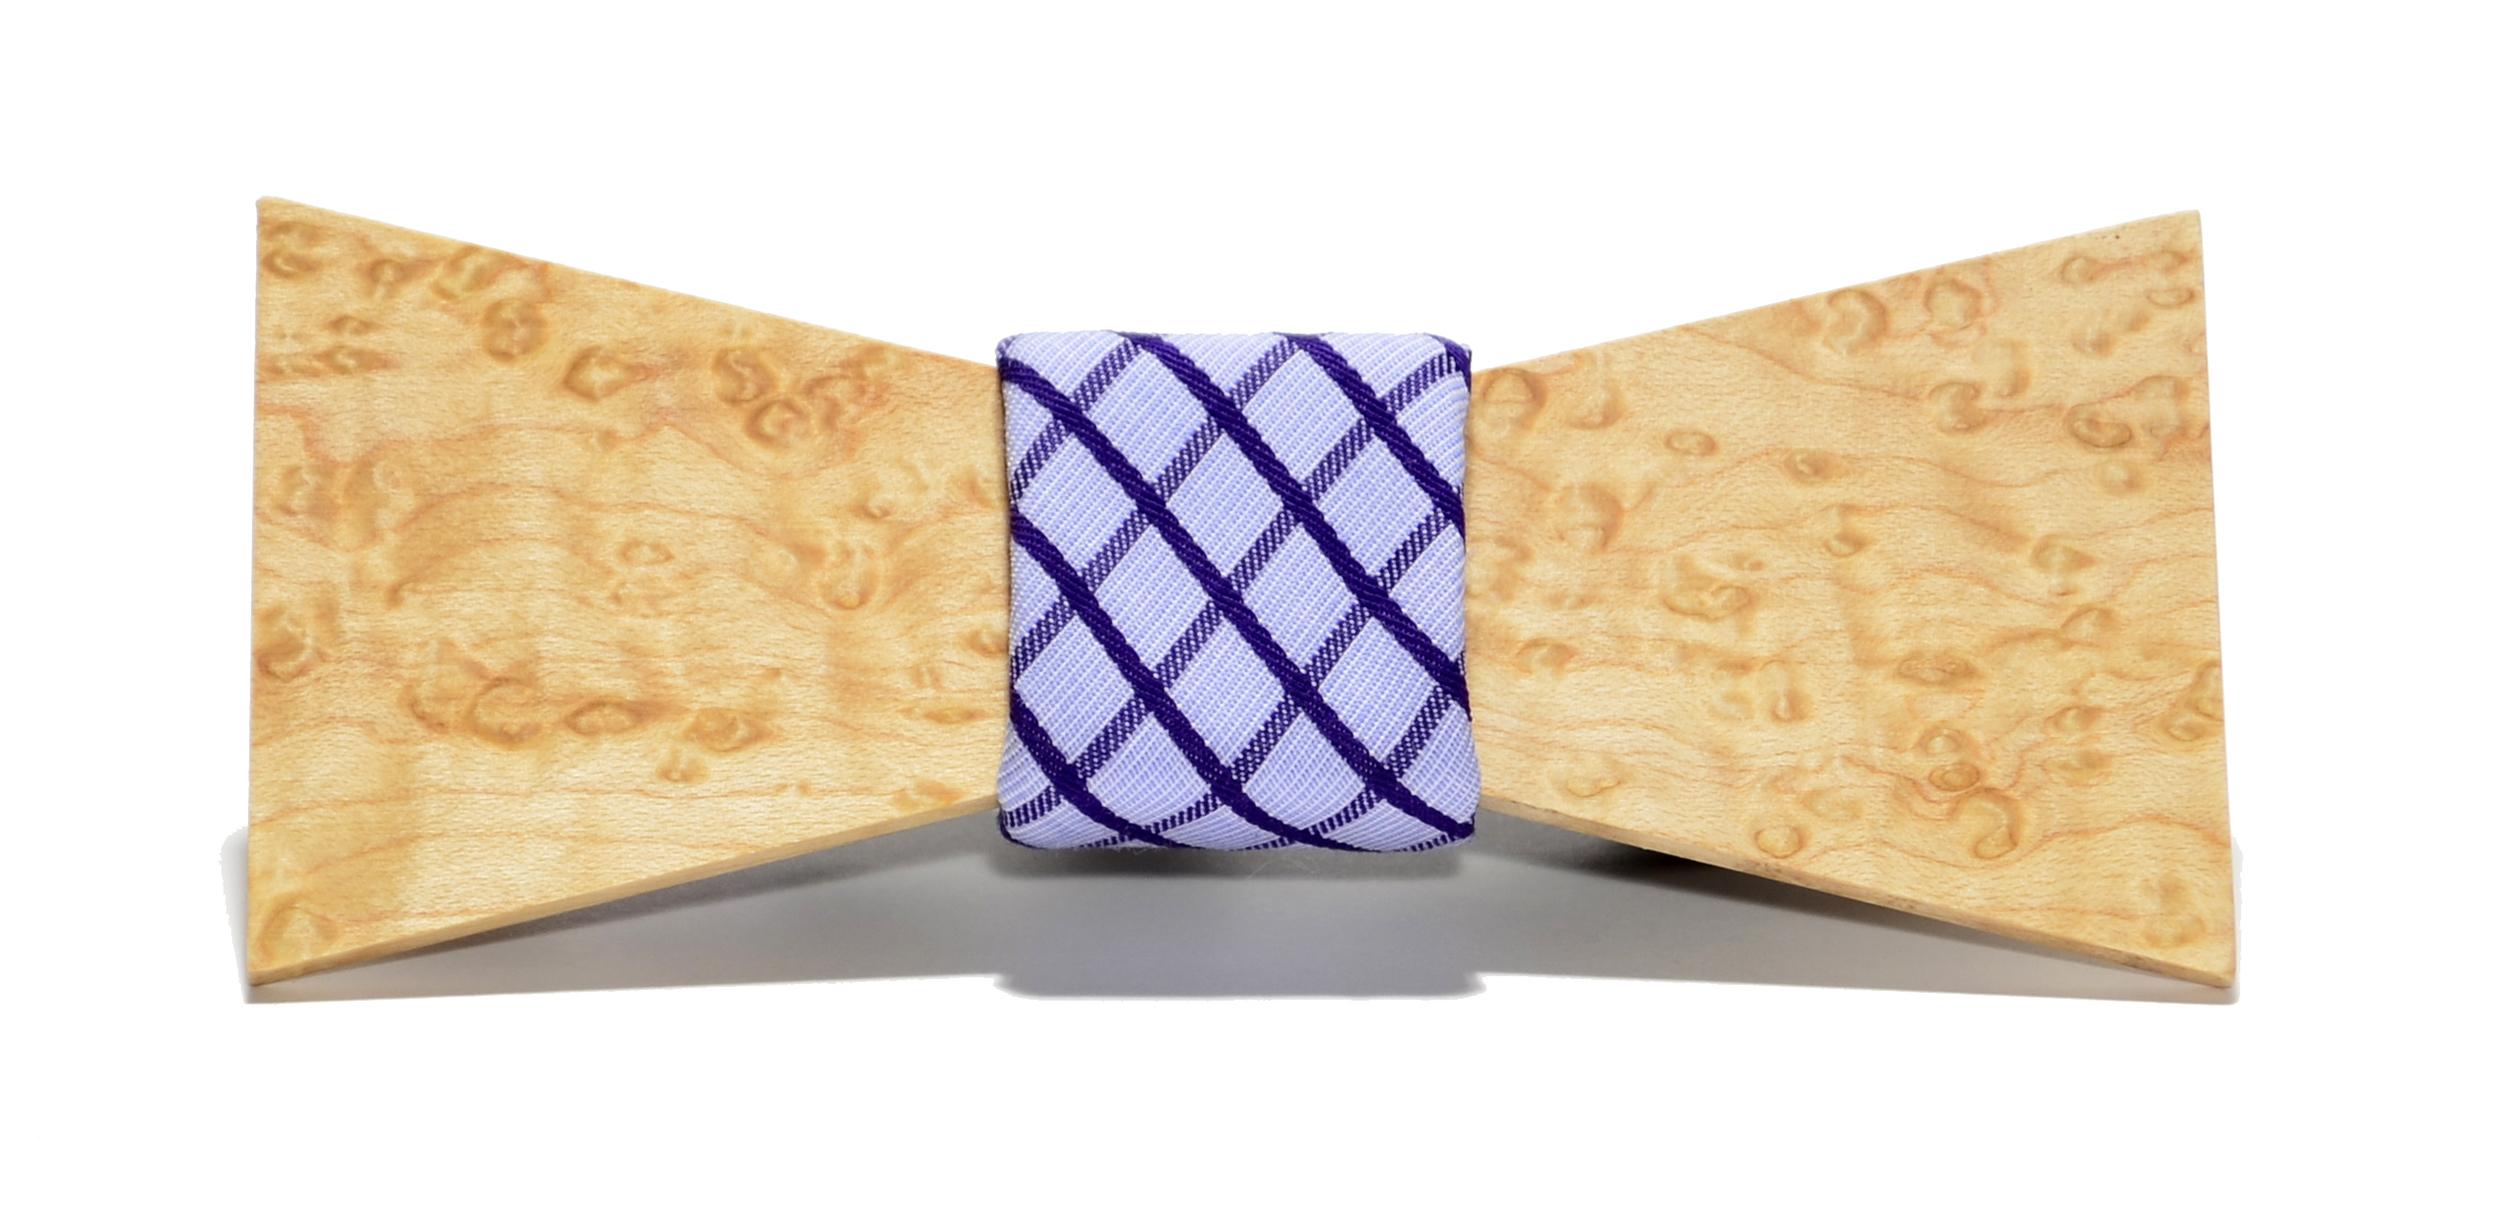 The Manhattan Birdseye Maple Shorty Cotton Wooden Bow Tie